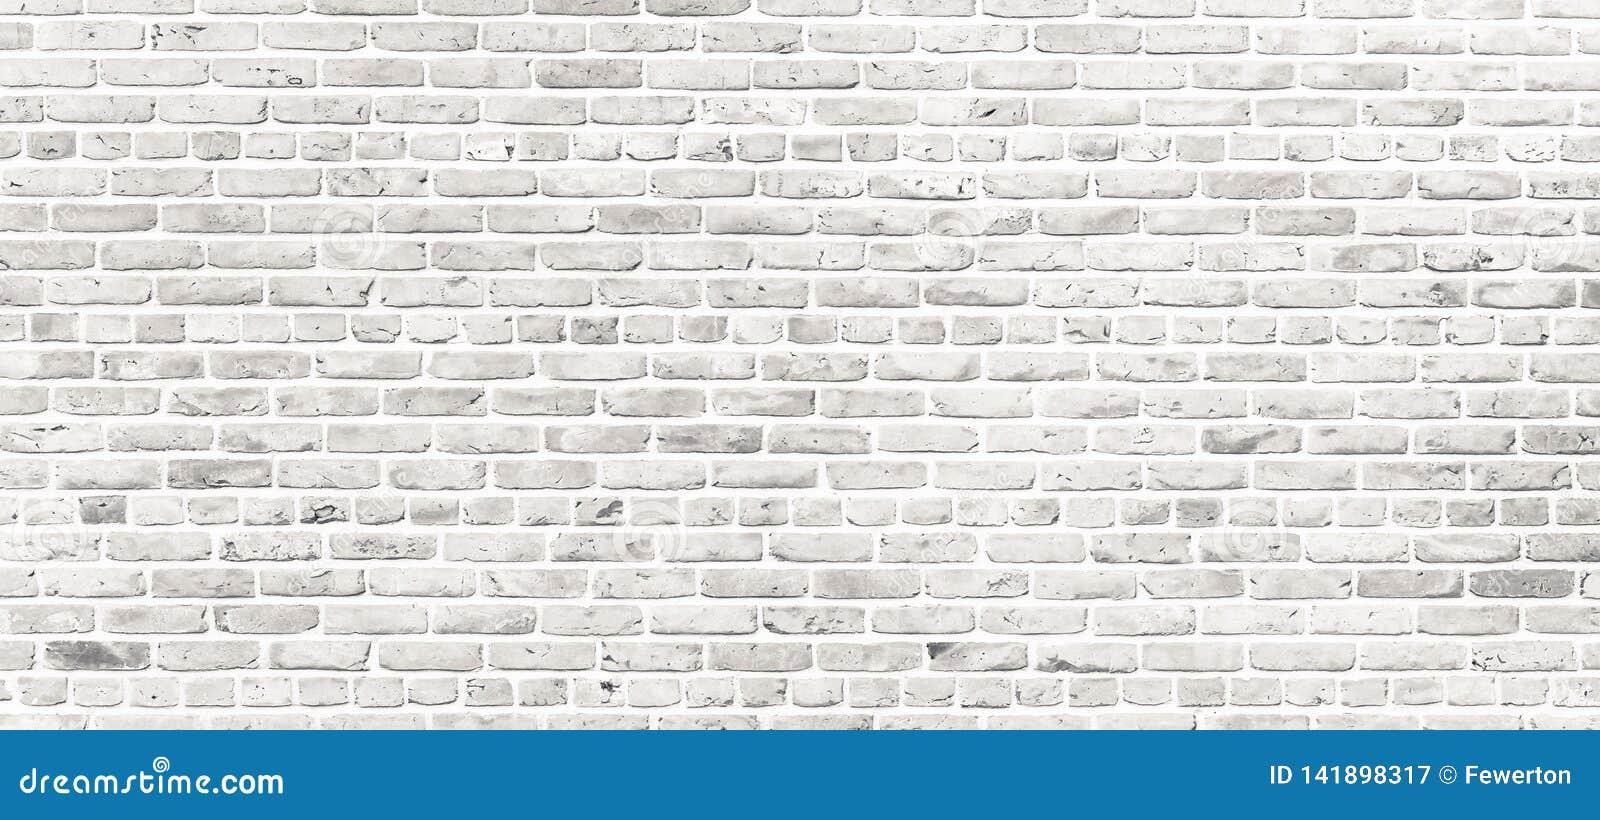 Άσπρος τουβλότοιχος Απλός βρώμικος άσπρος τουβλότοιχος με το ανοικτό γκρι υπόβαθρο σύστασης επιφάνειας σχεδίων σκιών στο ευρύ σχή